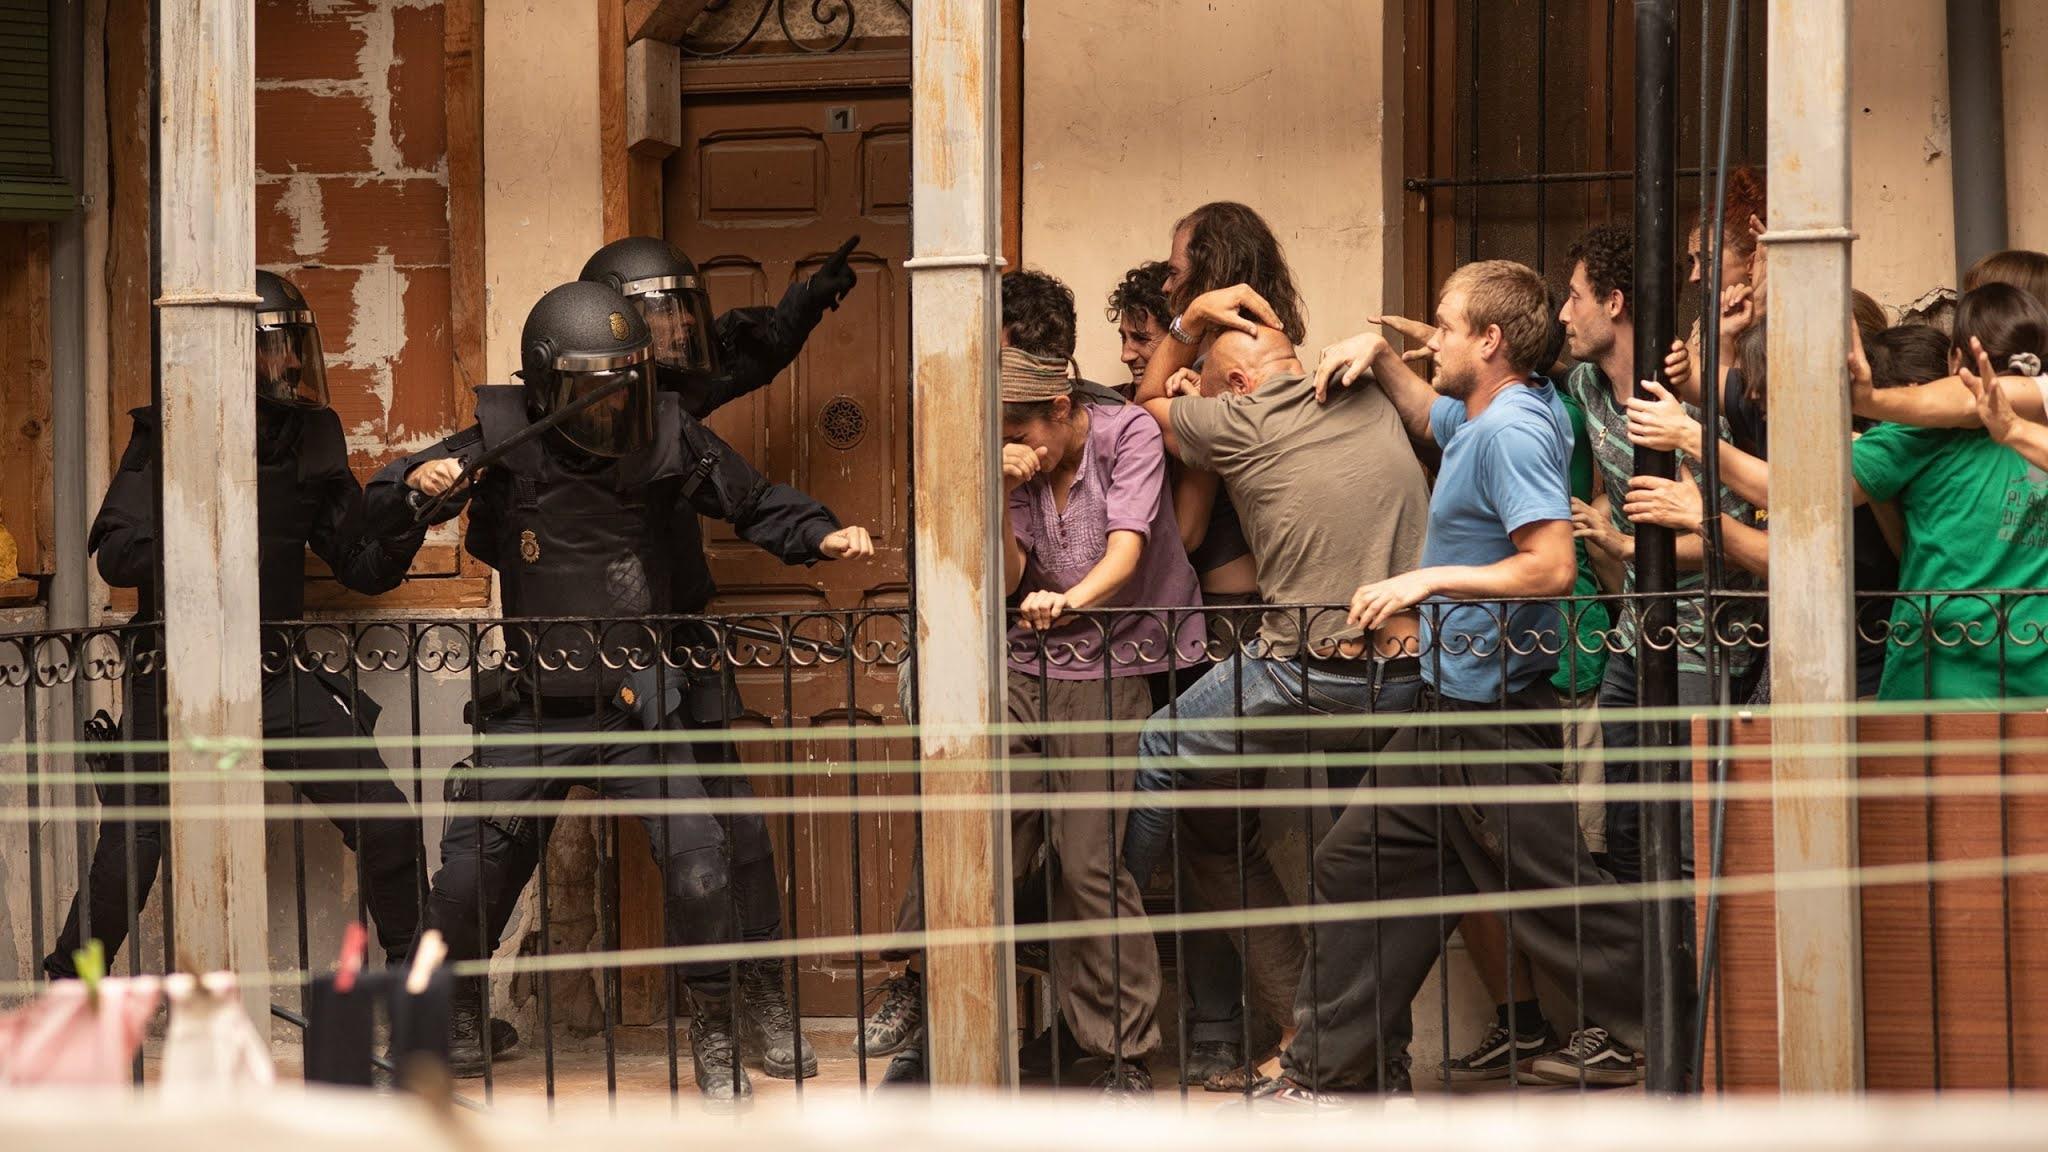 Escena del episodio 1 de 'Antidisturbios'